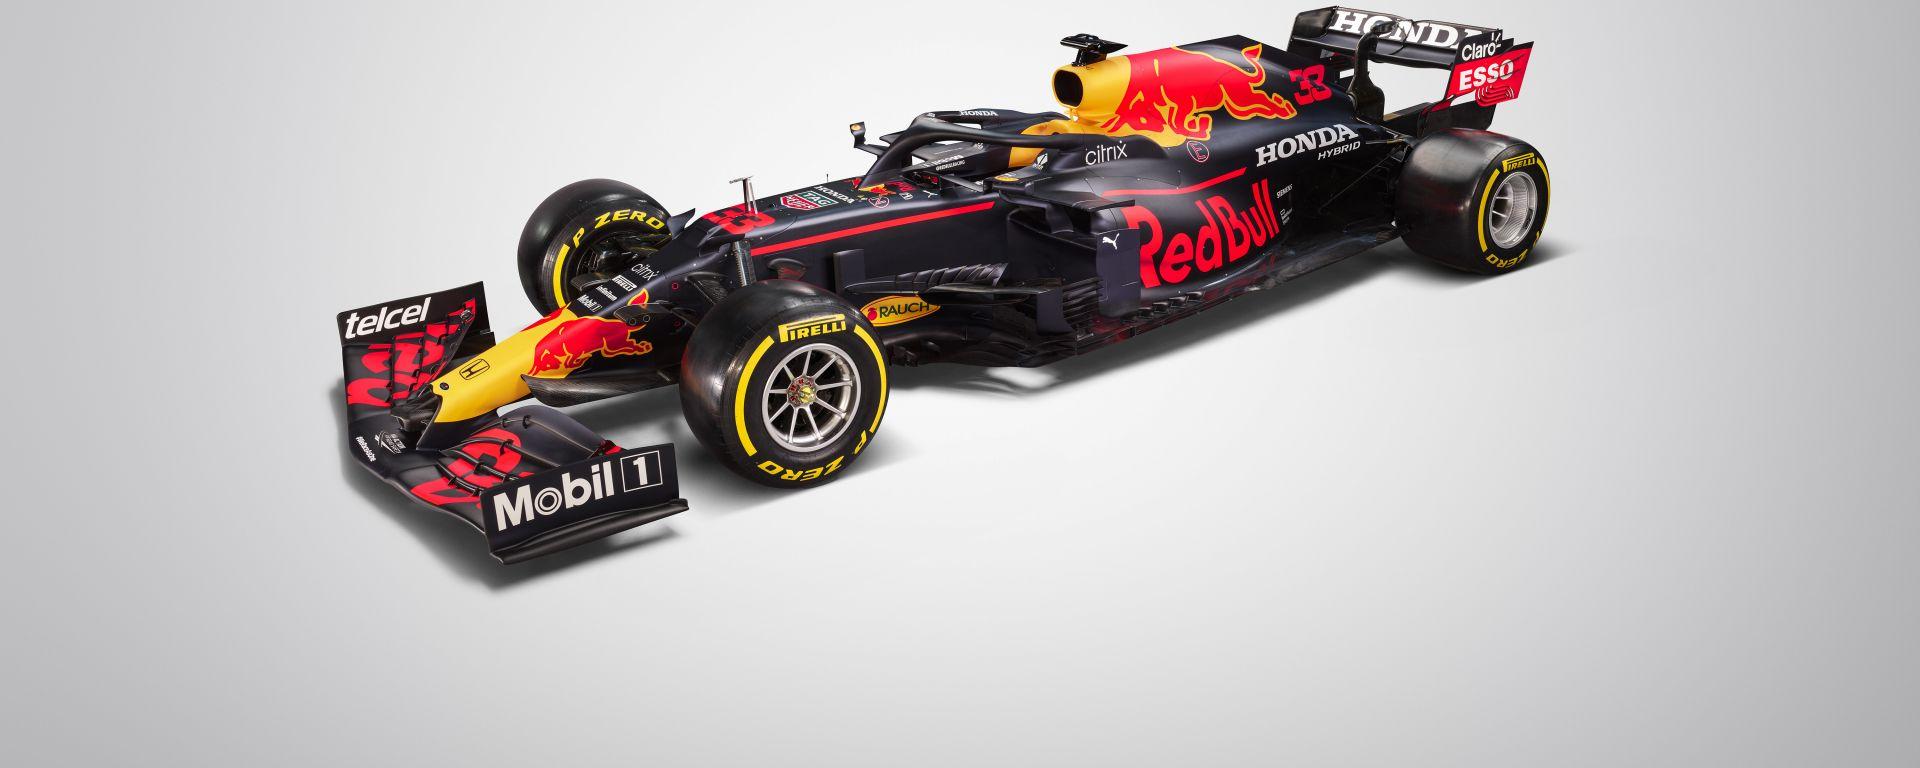 F1 2021, le prime immagini in studio della Red Bull RB16B 2021 di Verstappen e Perez